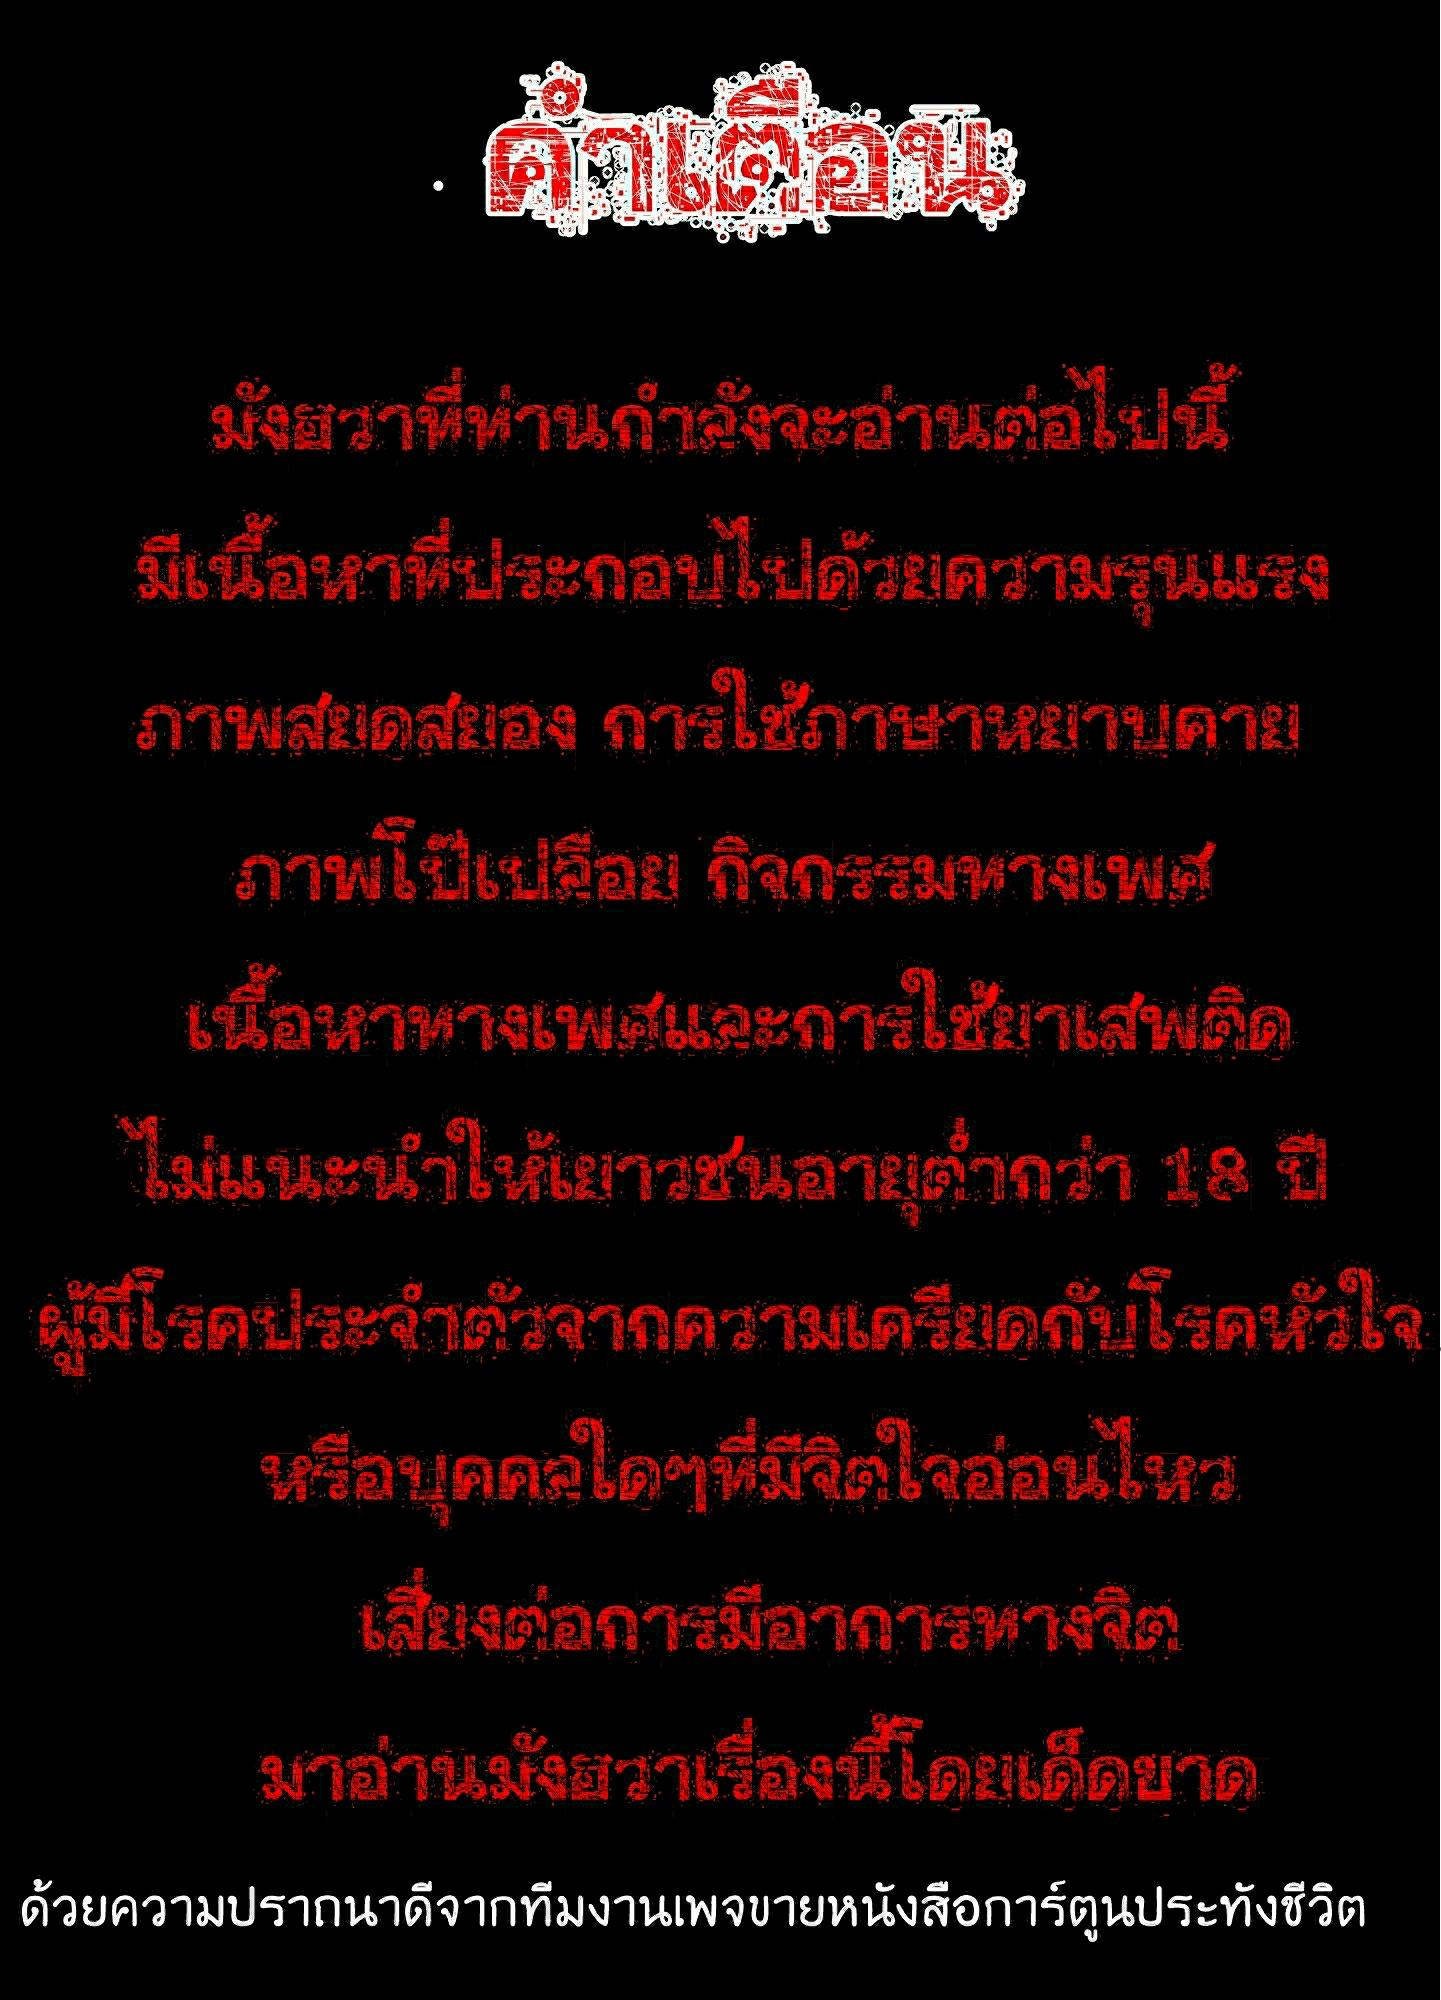 ควีน บี 3